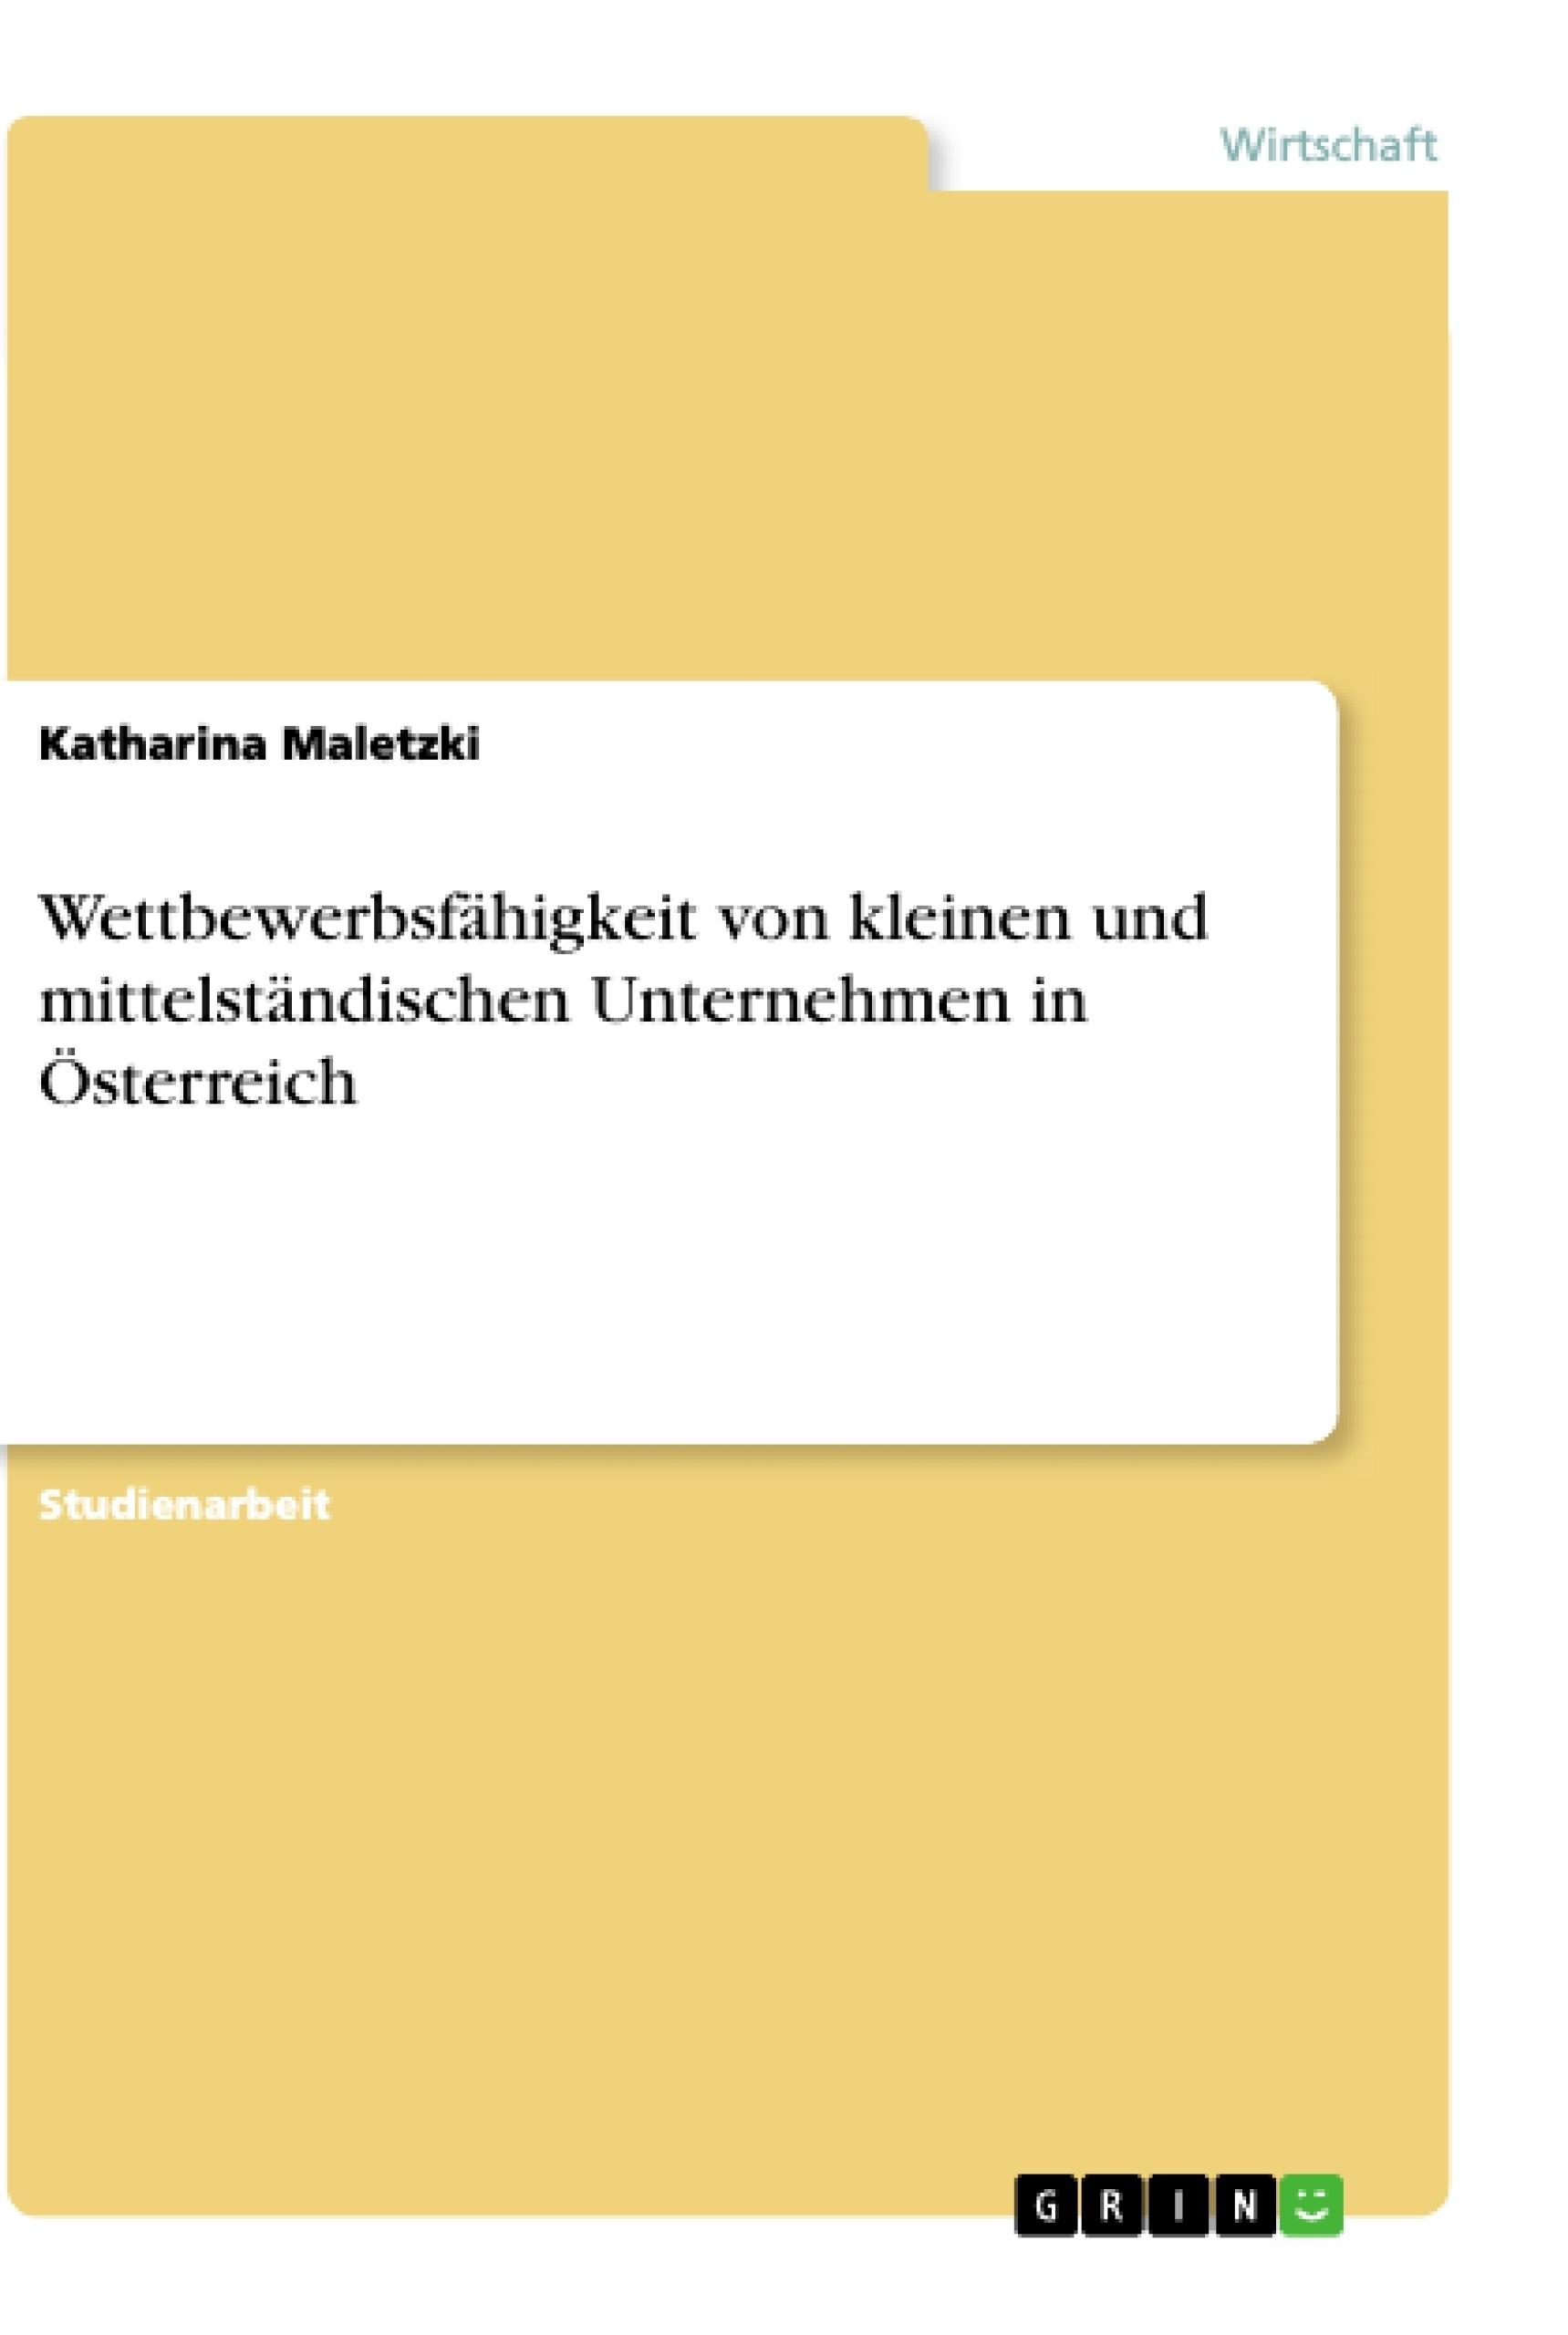 Titel: Wettbewerbsfähigkeit von kleinen und mittelständischen Unternehmen in Österreich